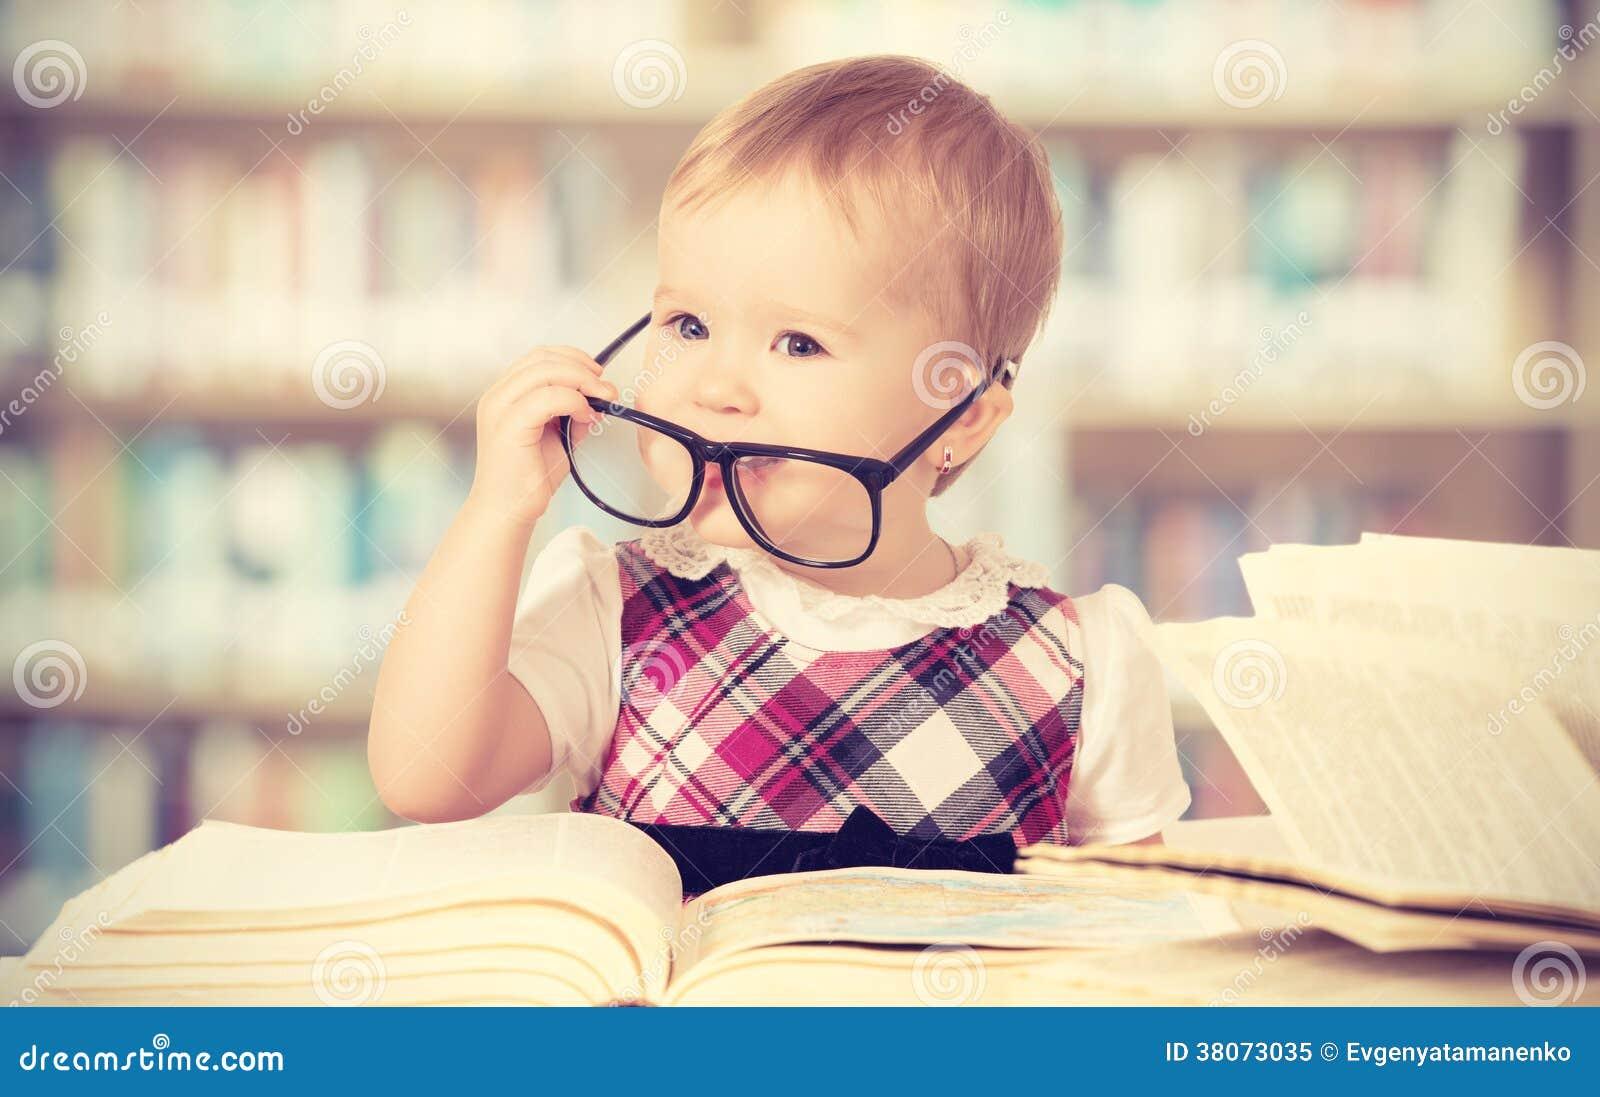 Lustiges Baby in den Gläsern ein Buch in einer Bibliothek lesend